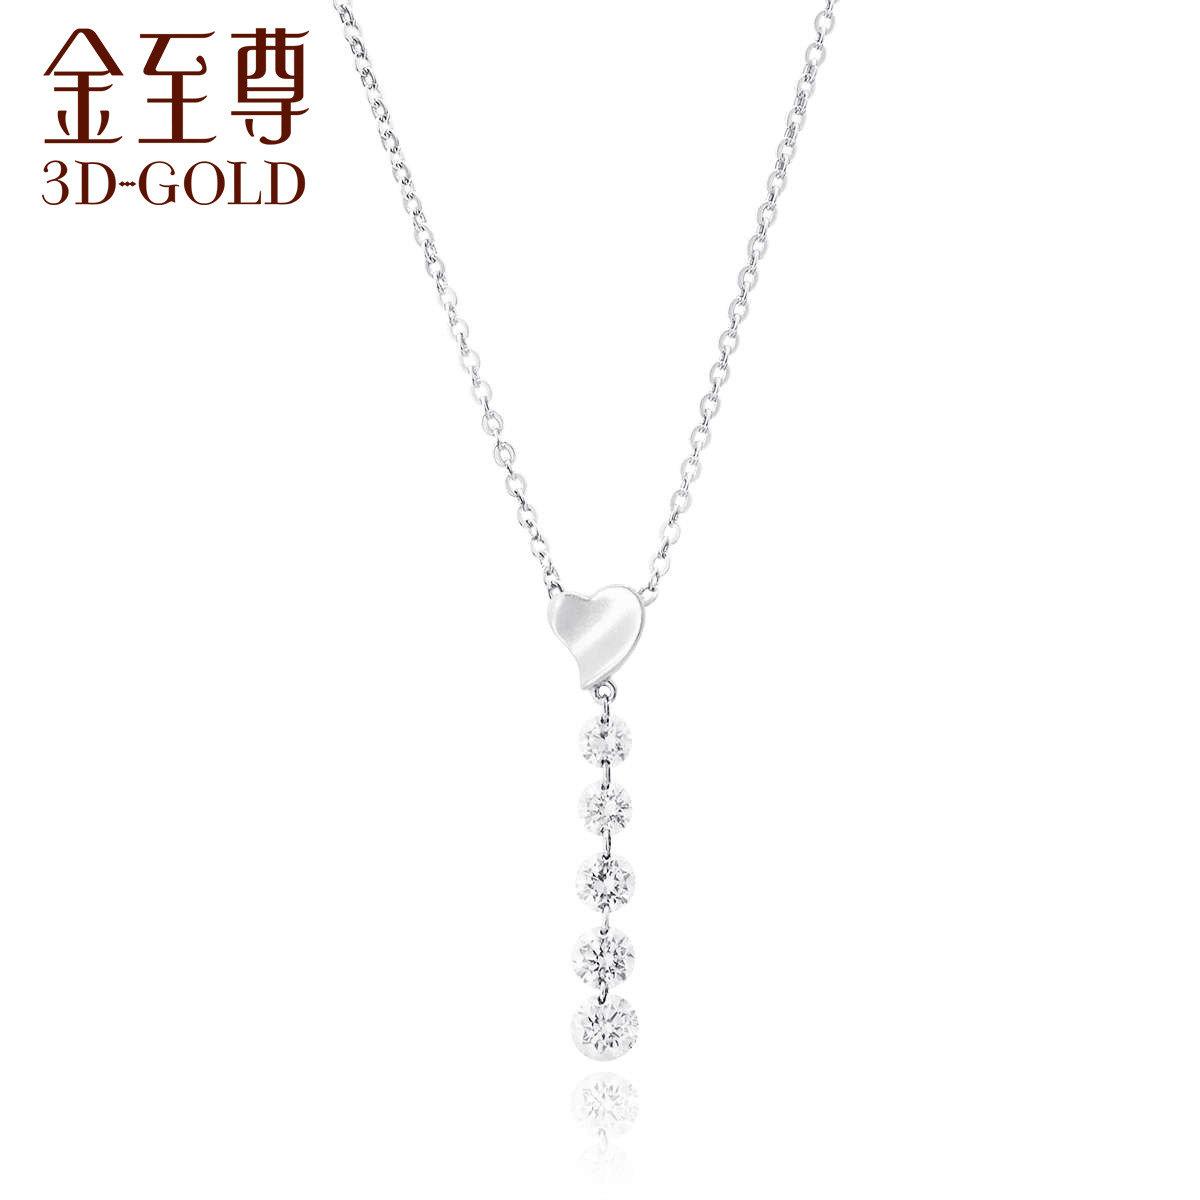 18K/750金(白色)鑲鑽石吊墜